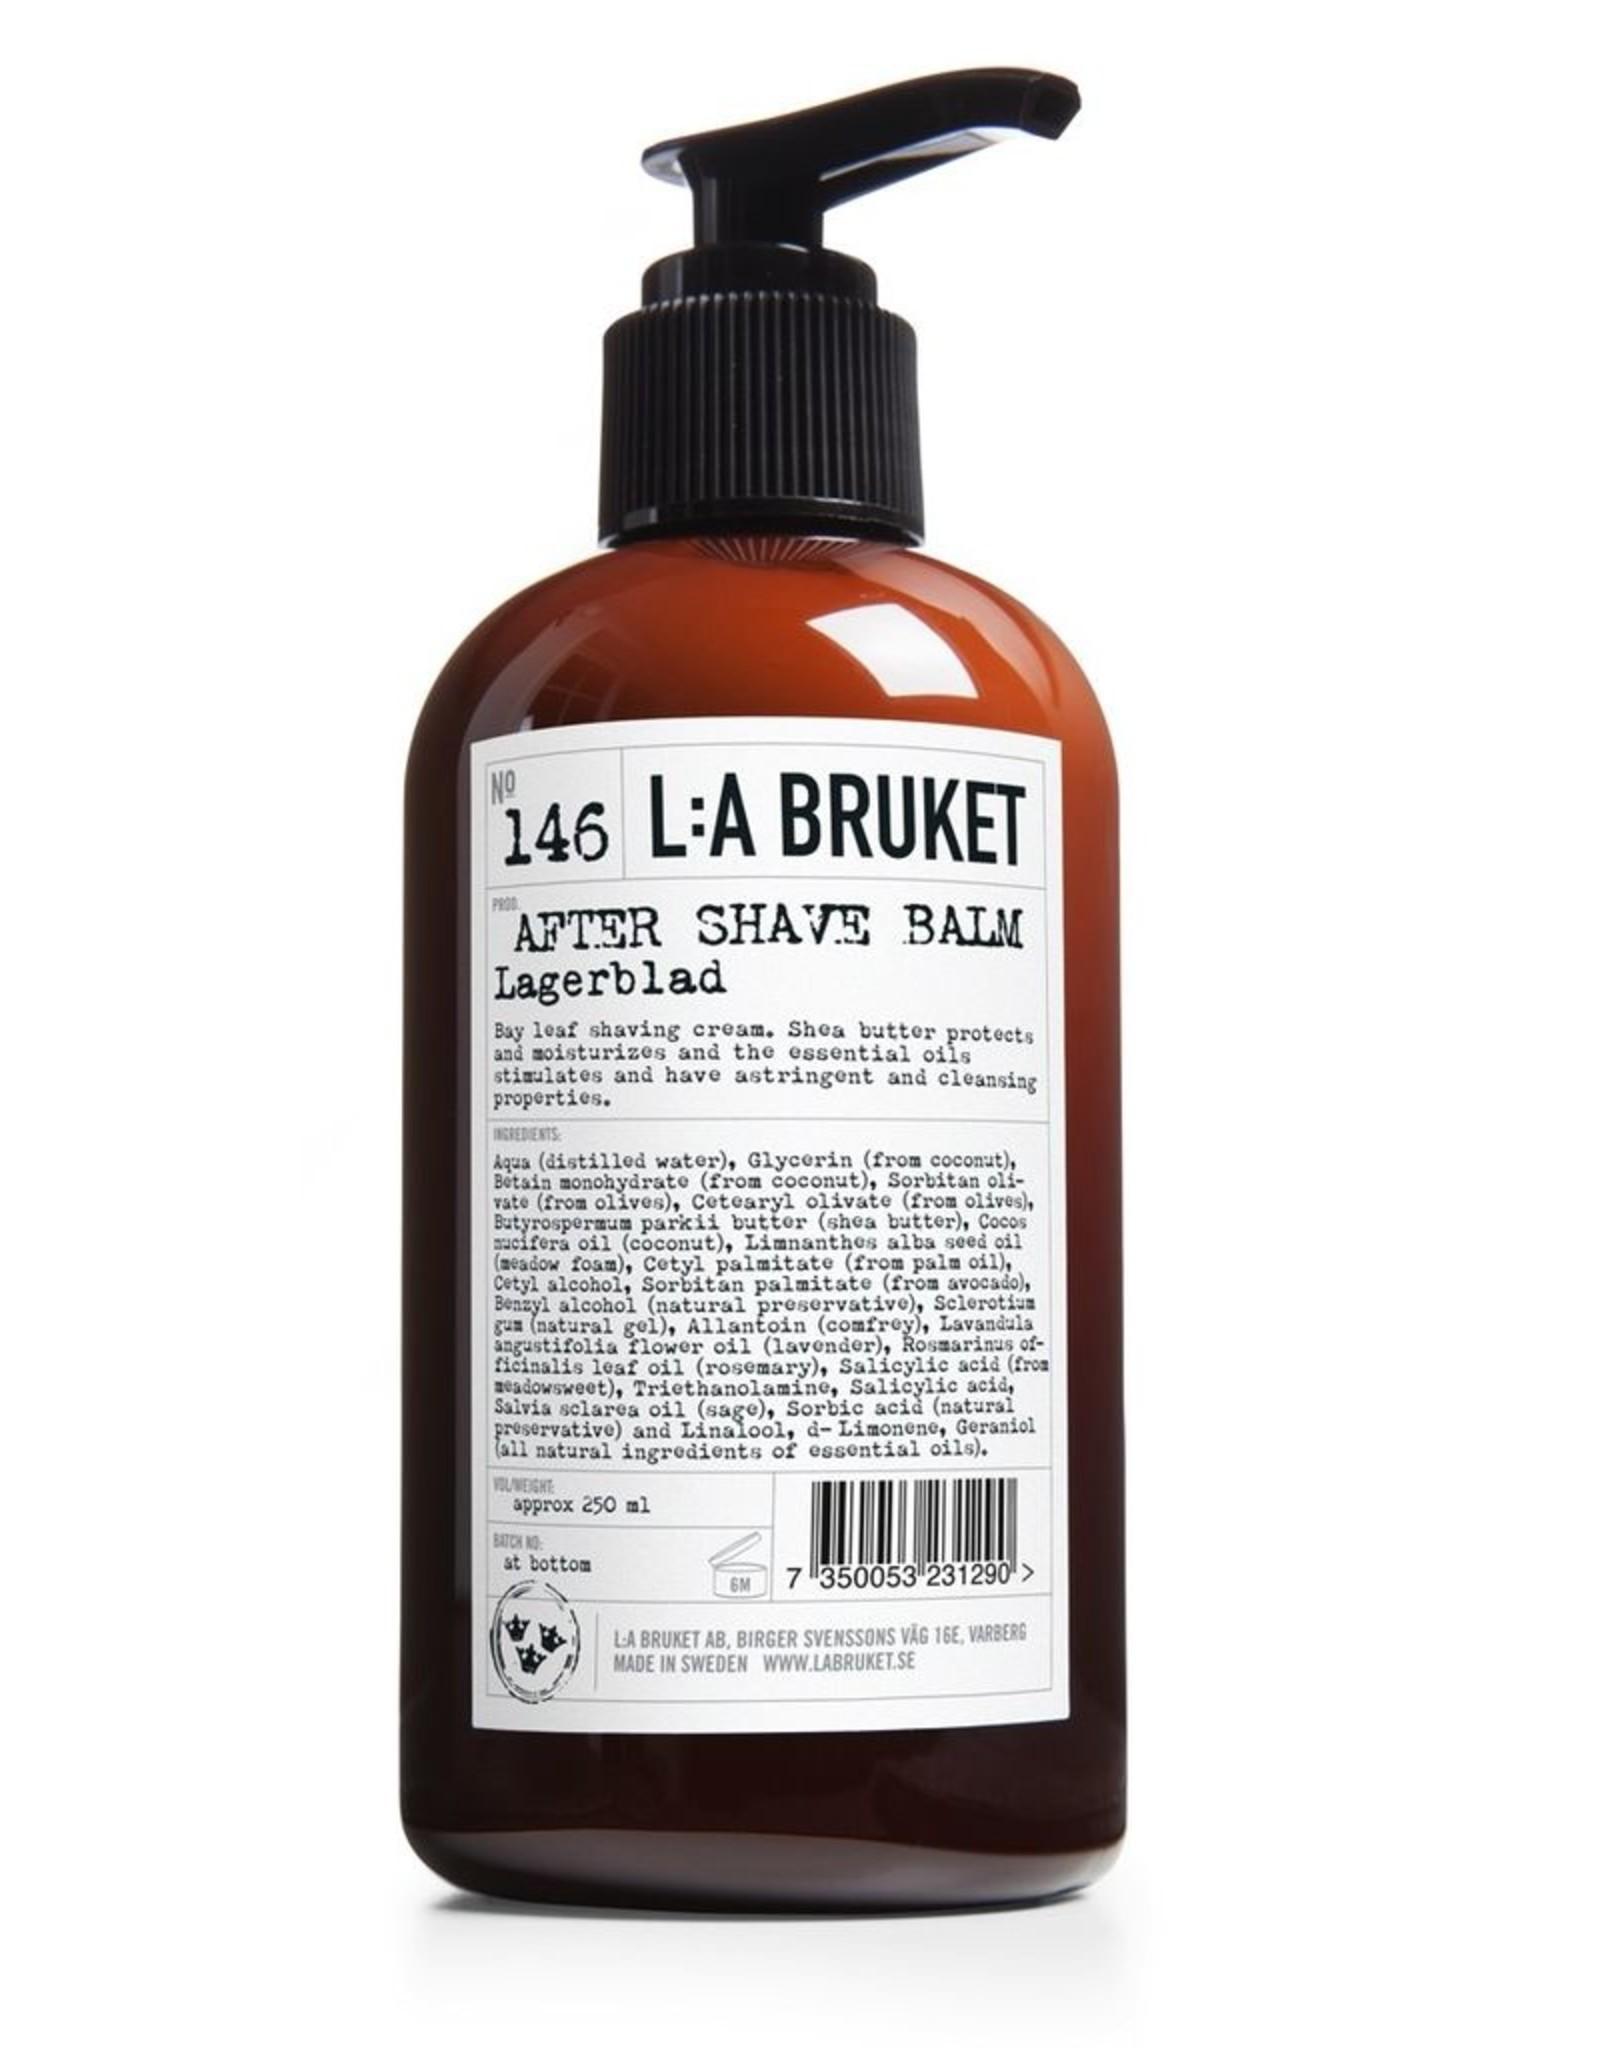 LA BRUKET L:A BRUKET AFTER SHAVE BALM 200ML N°146